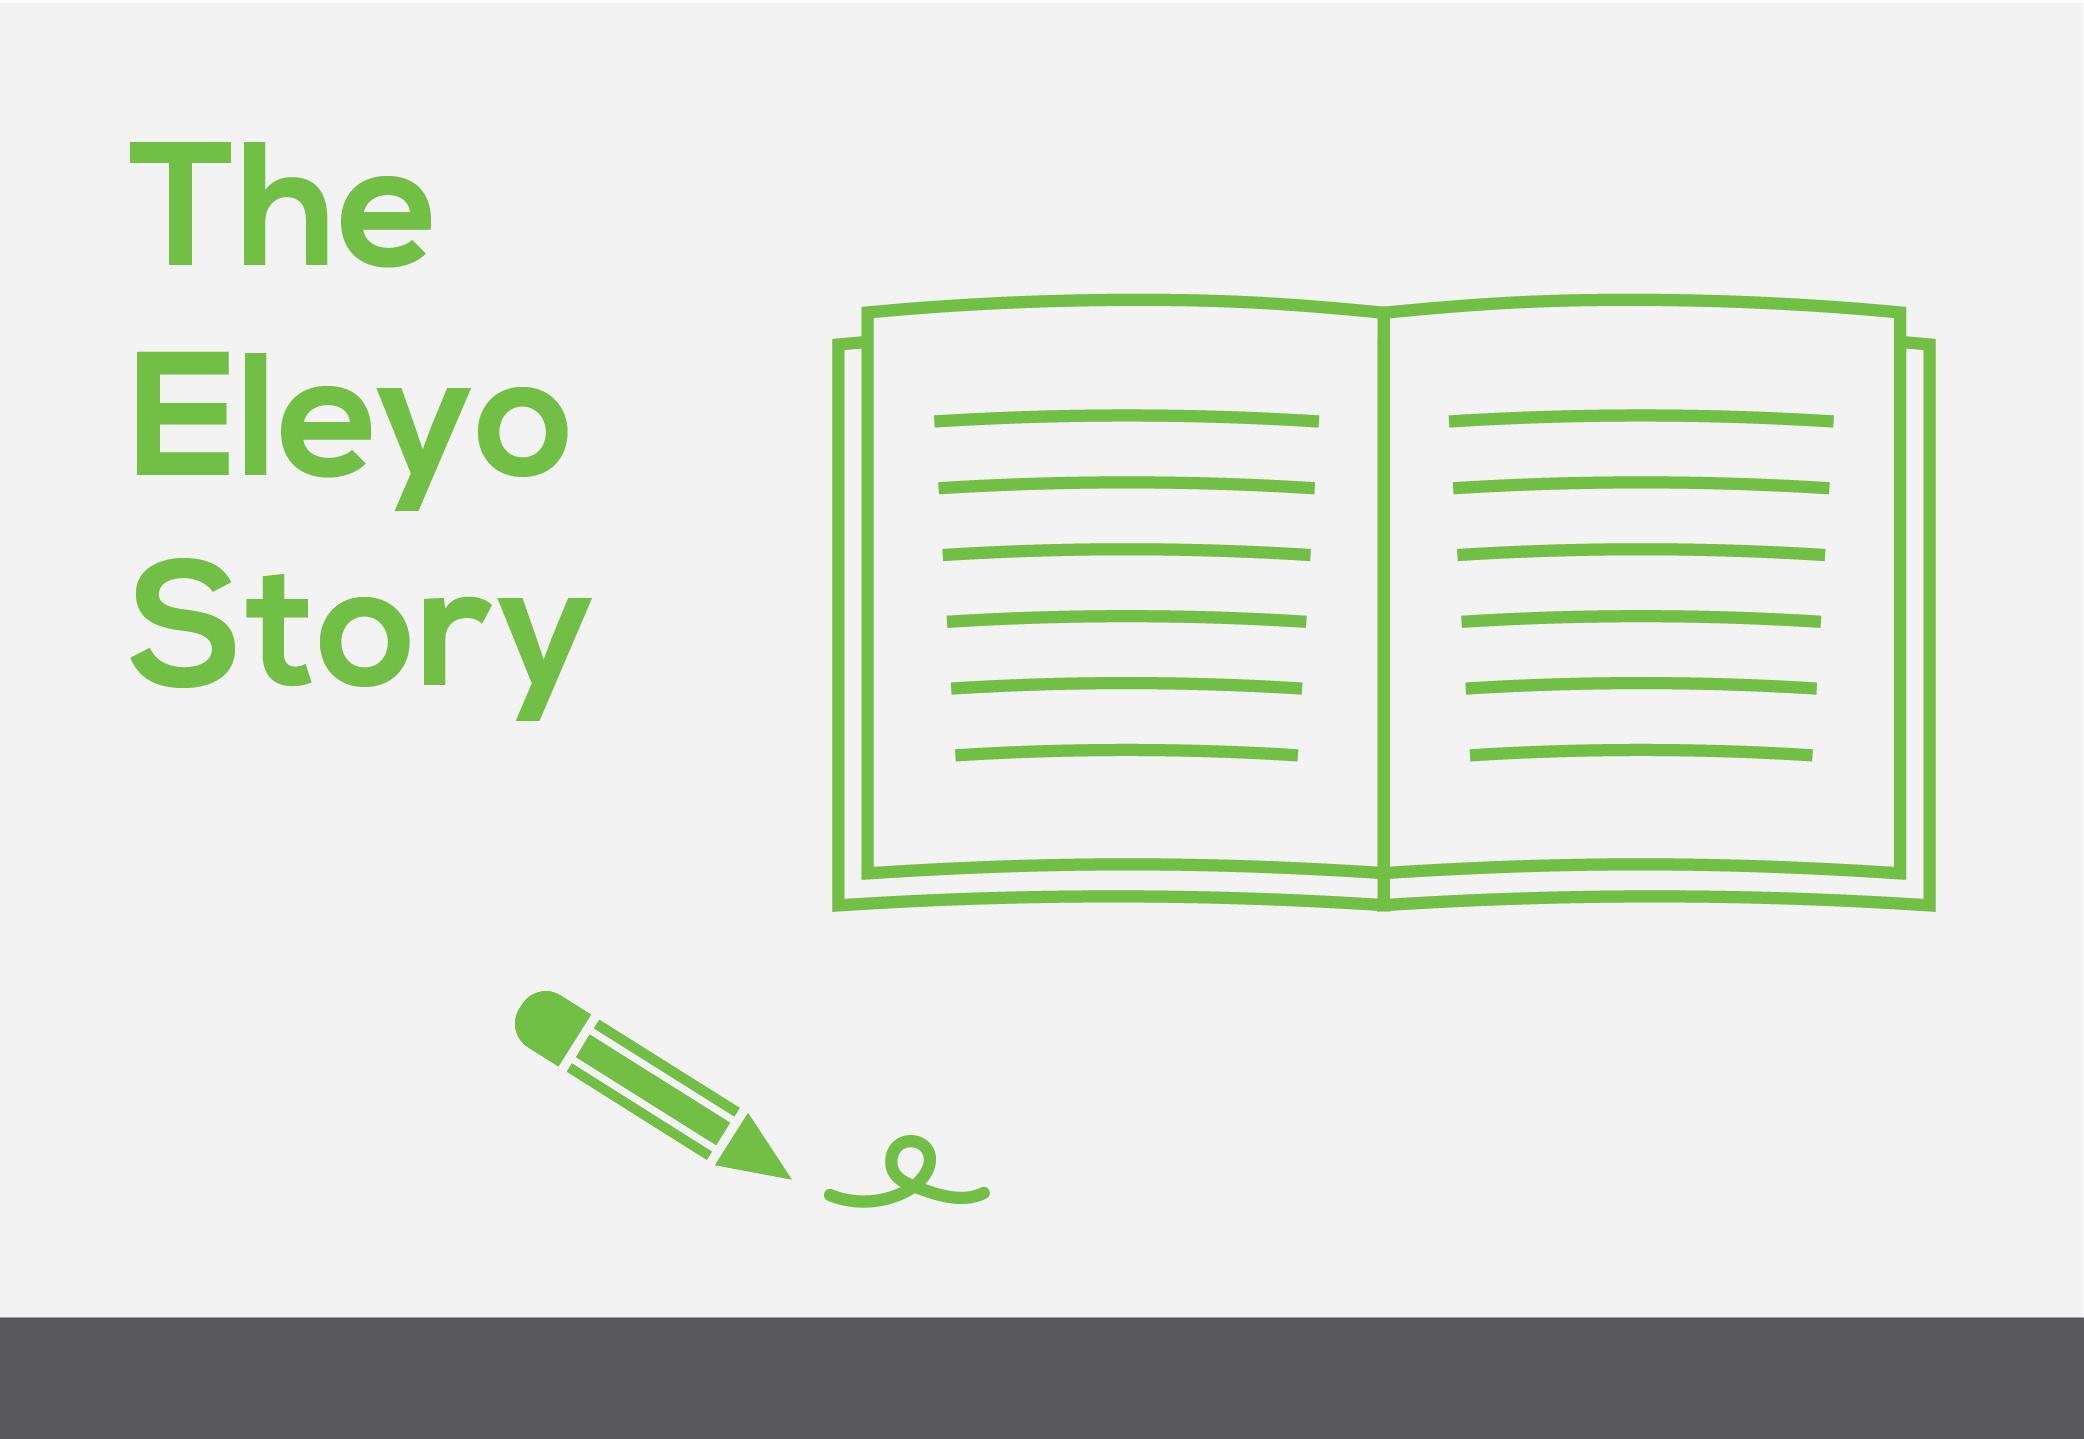 The eleyo story